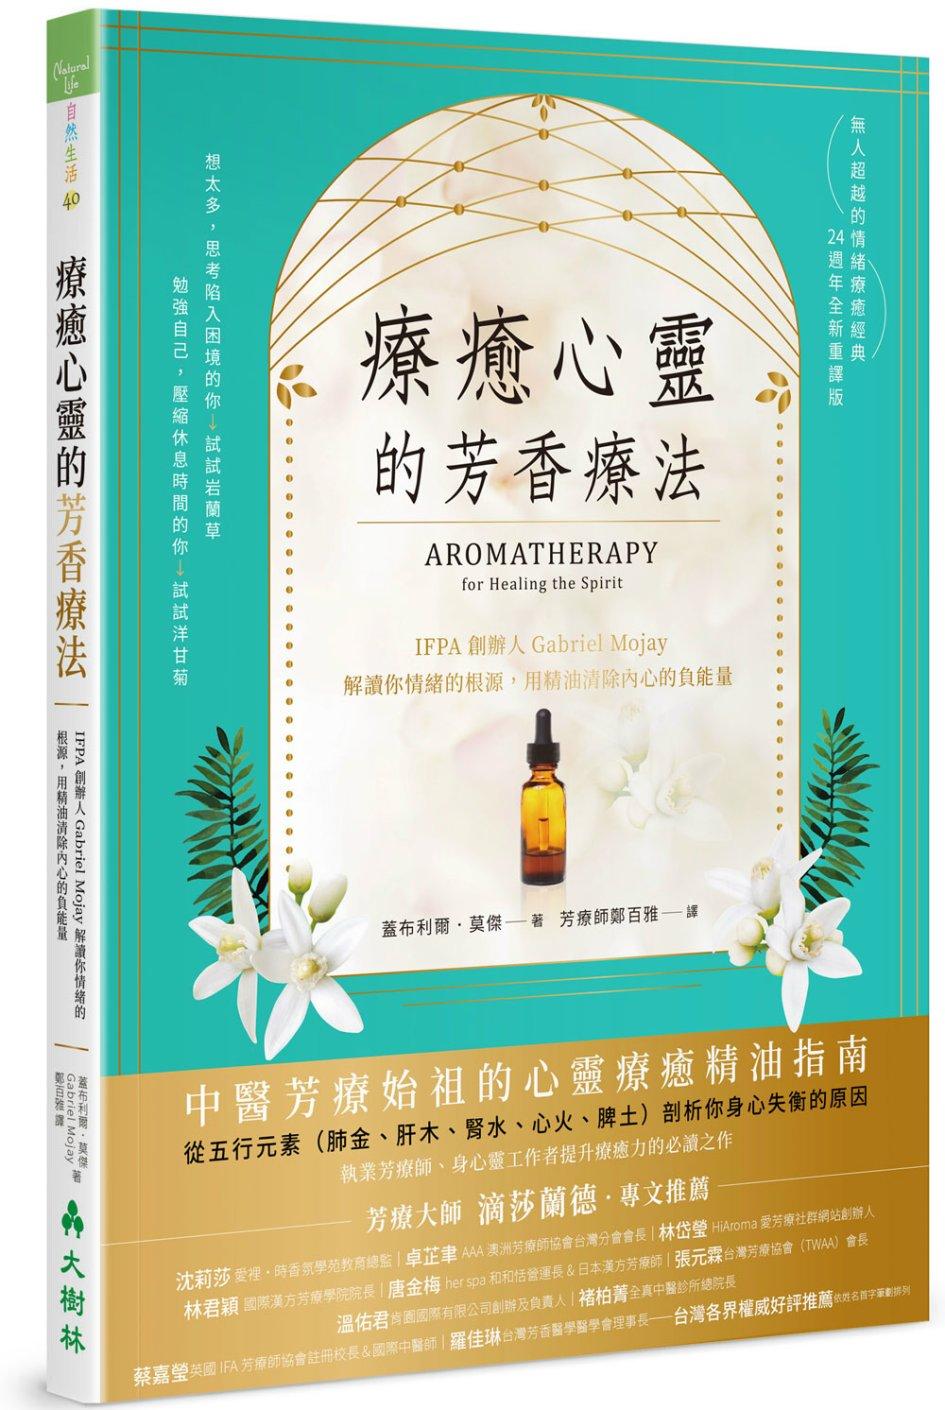 療癒心靈的芳香療法:IFPA創辦人Gabriel Mojay解讀你情緒的根源,用精油清除內心的負能量(經典重譯版)